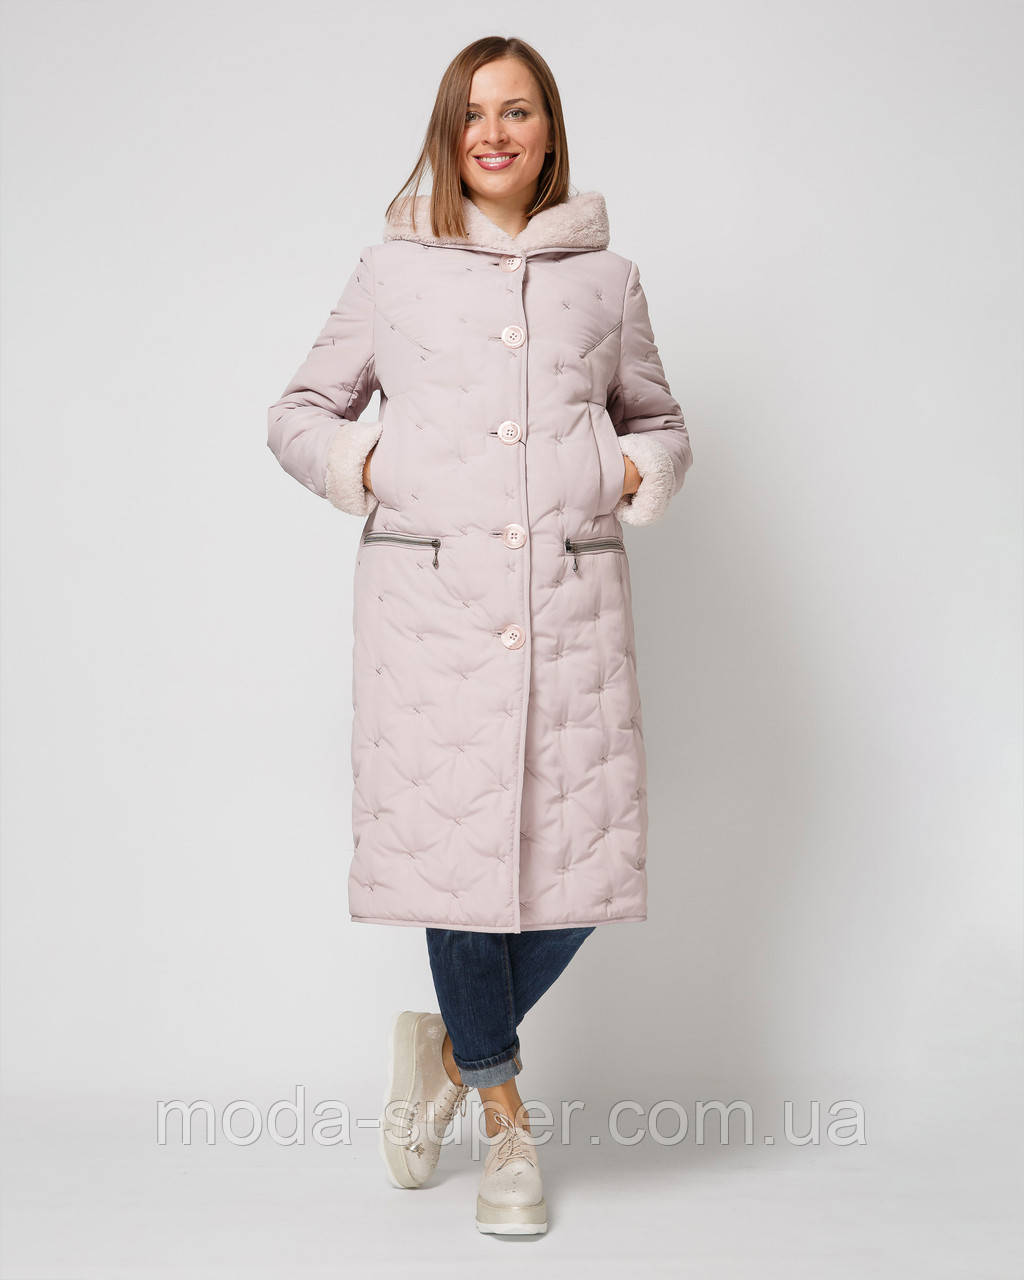 Куртка женская стеганная-вельбо рр 46-58